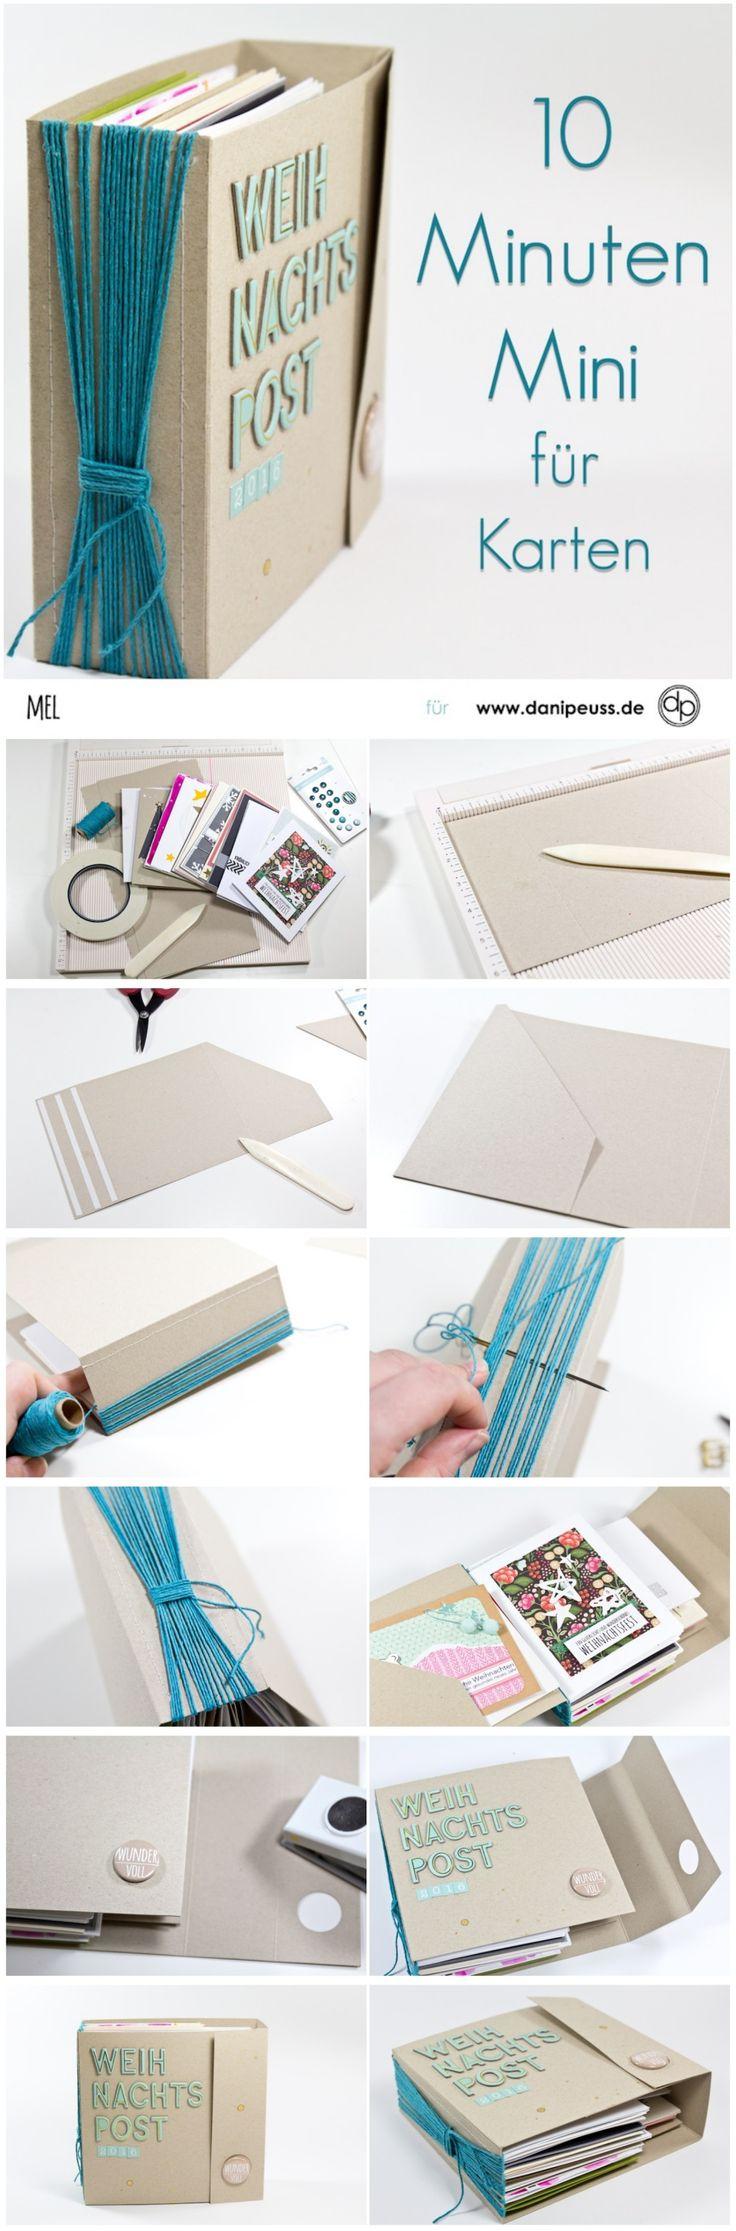 Minibook zur Kartenaufbewahrung von Mel für www.danipeuss.de #geschenkidee #aufbewahrung